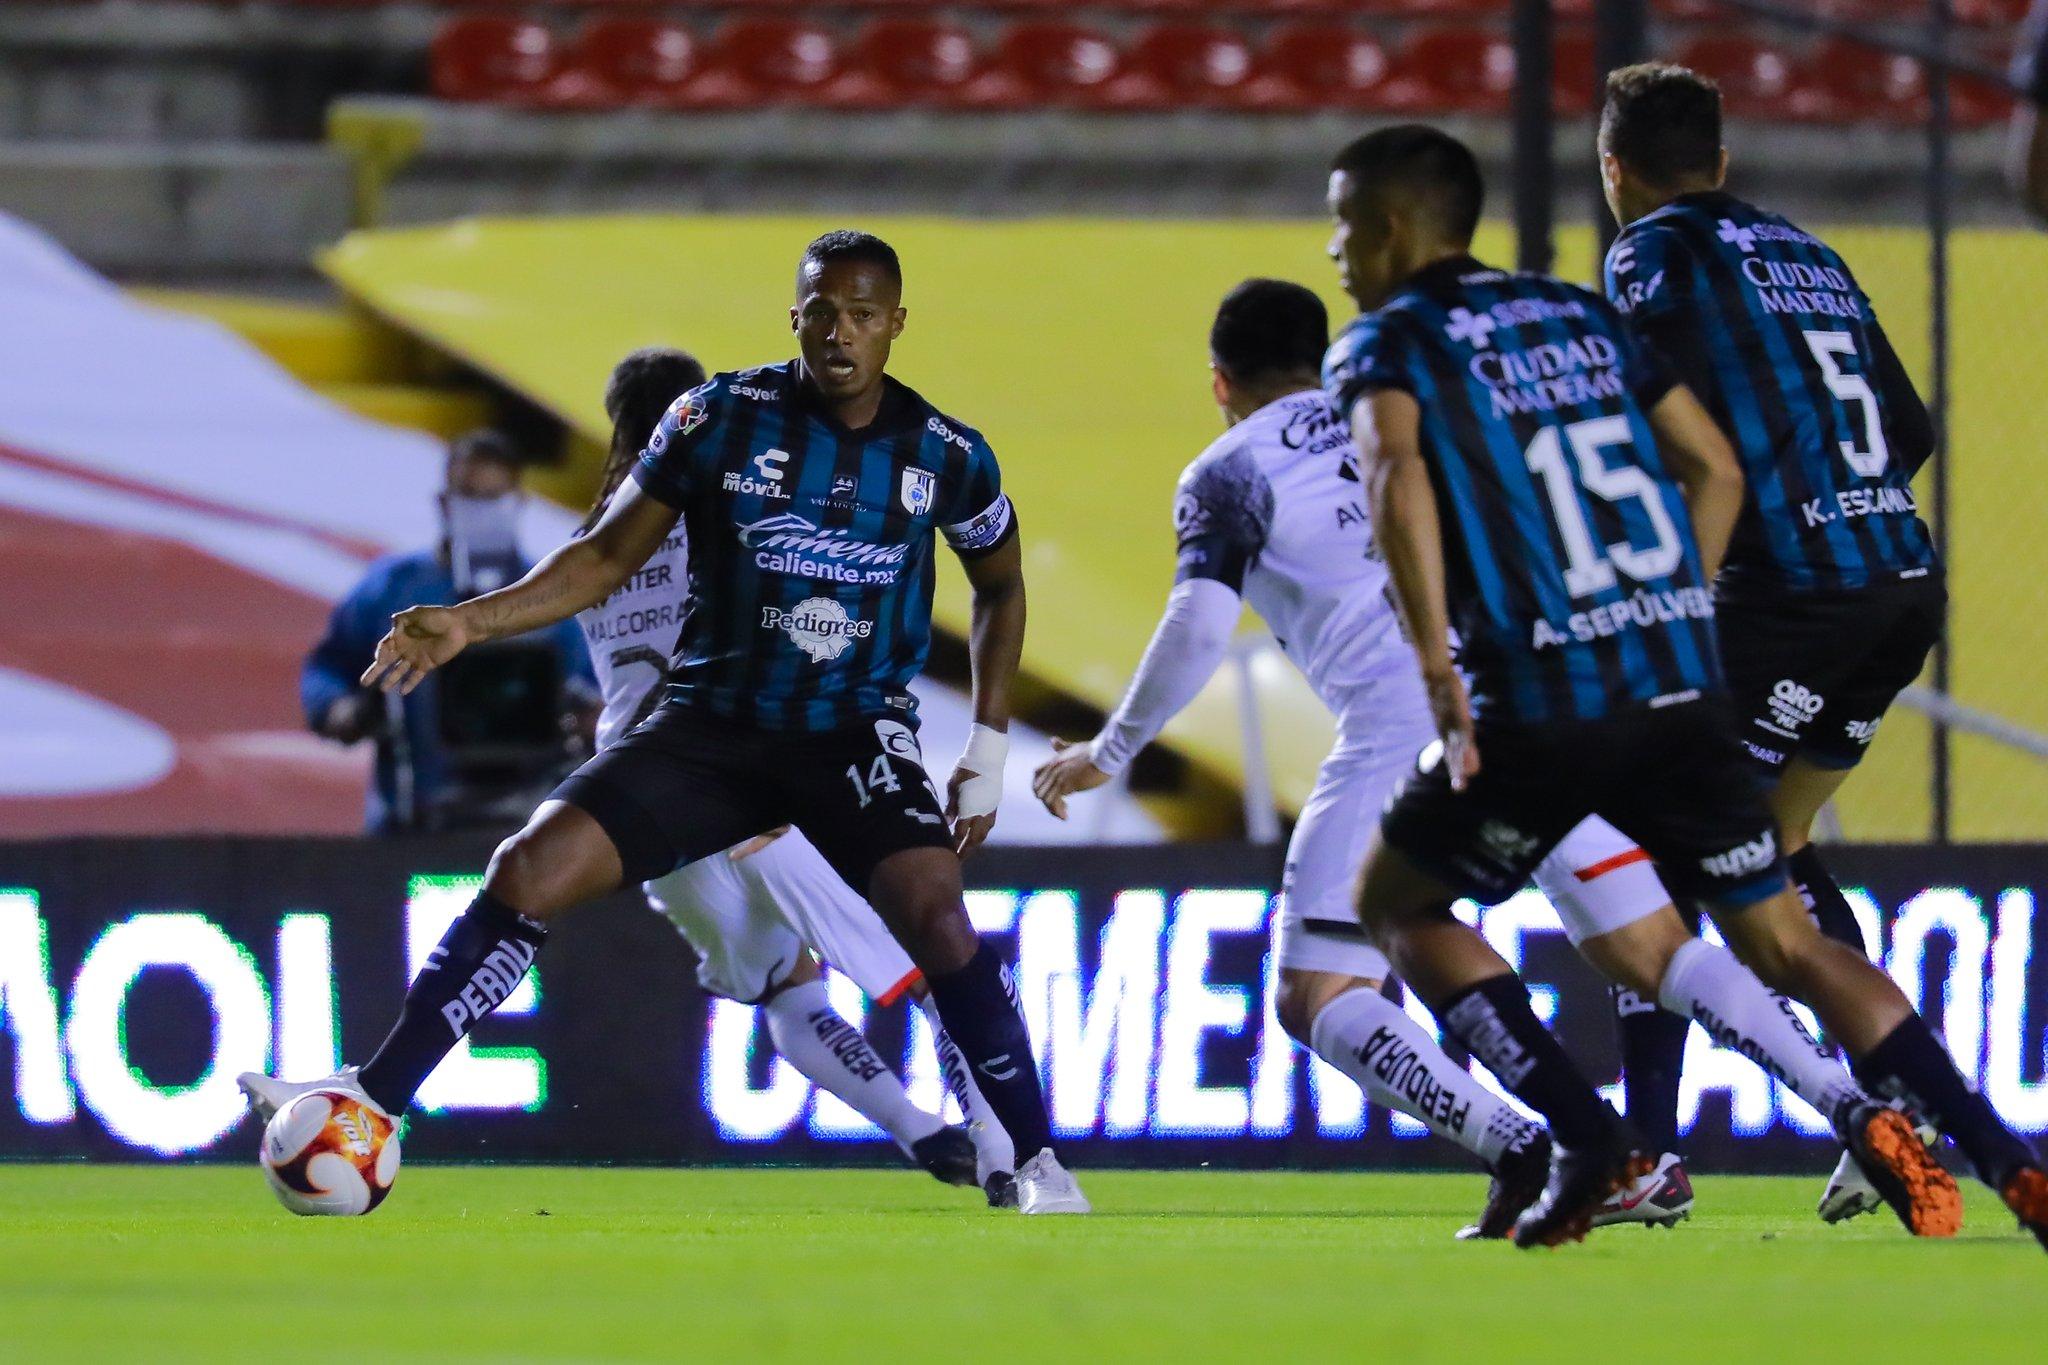 Querétaro superó a Atlas y sumó su primer triunfo en el Torneo Clausura. Jefferson Montero no fue tomado en cuenta